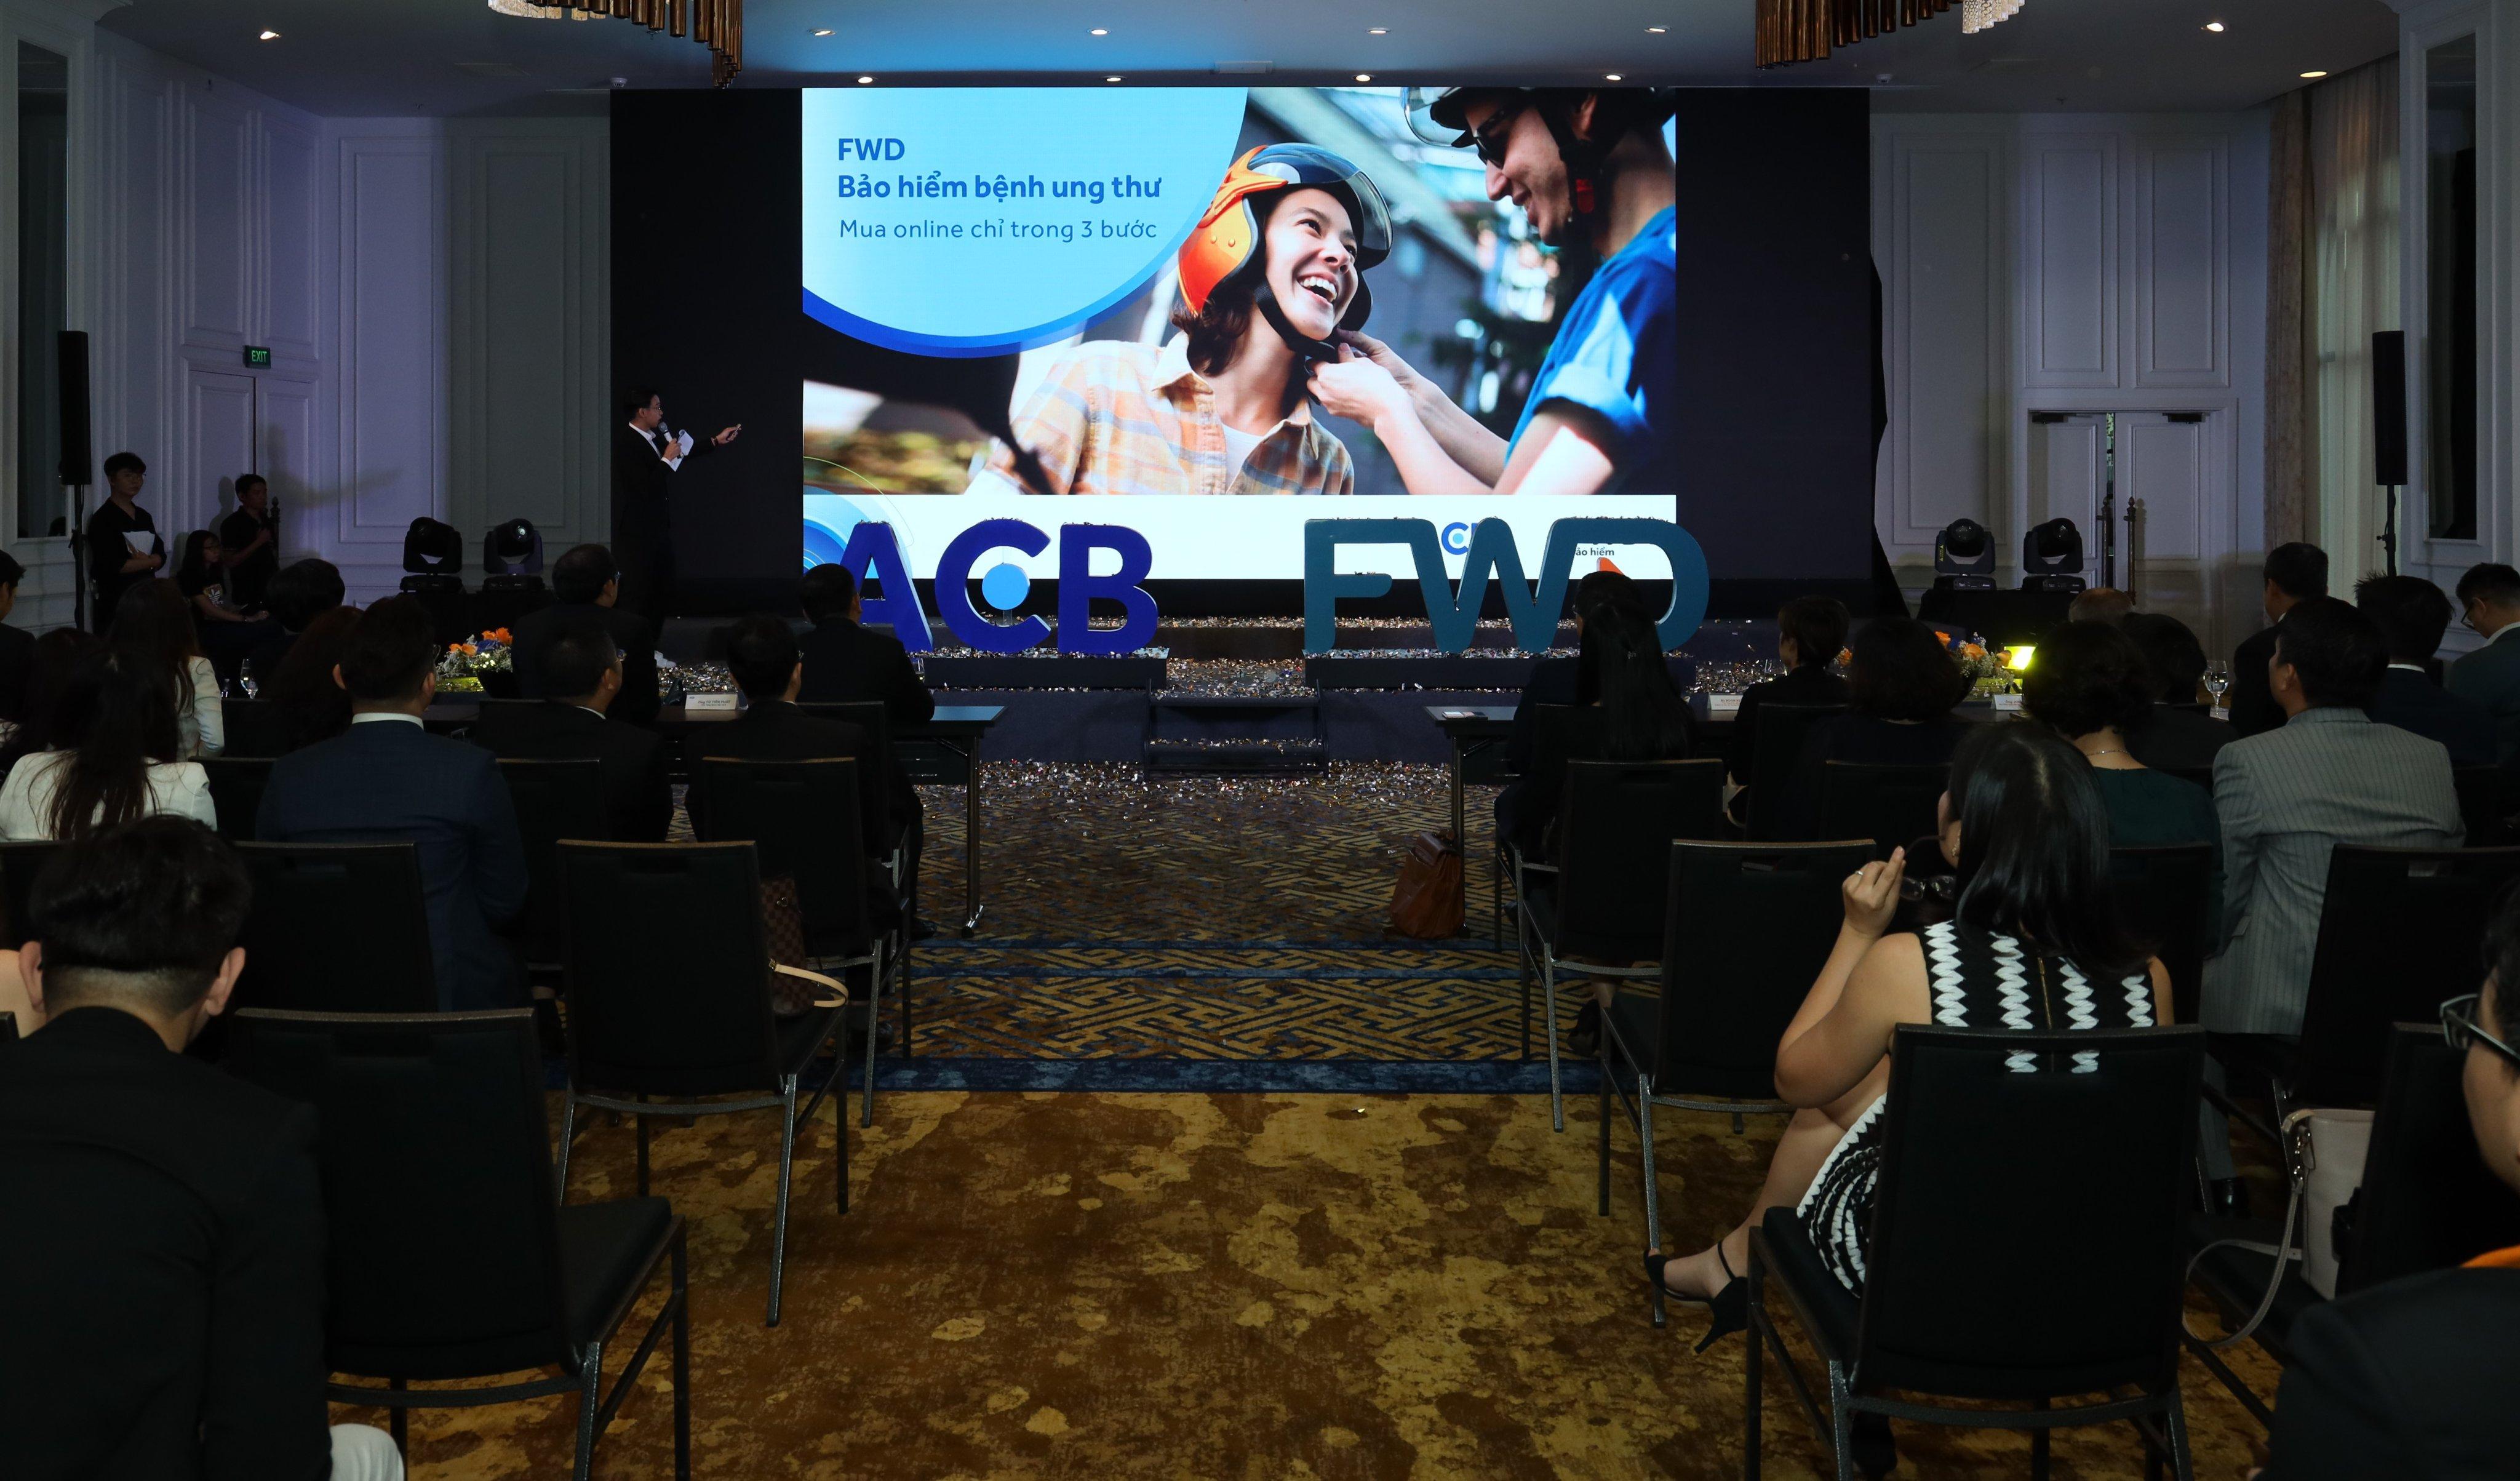 """Hai """"ông lớn"""" ACB và FWD làm nên thương vụ e-bancassurance đầu tiên tại Việt Nam - Ảnh 1"""